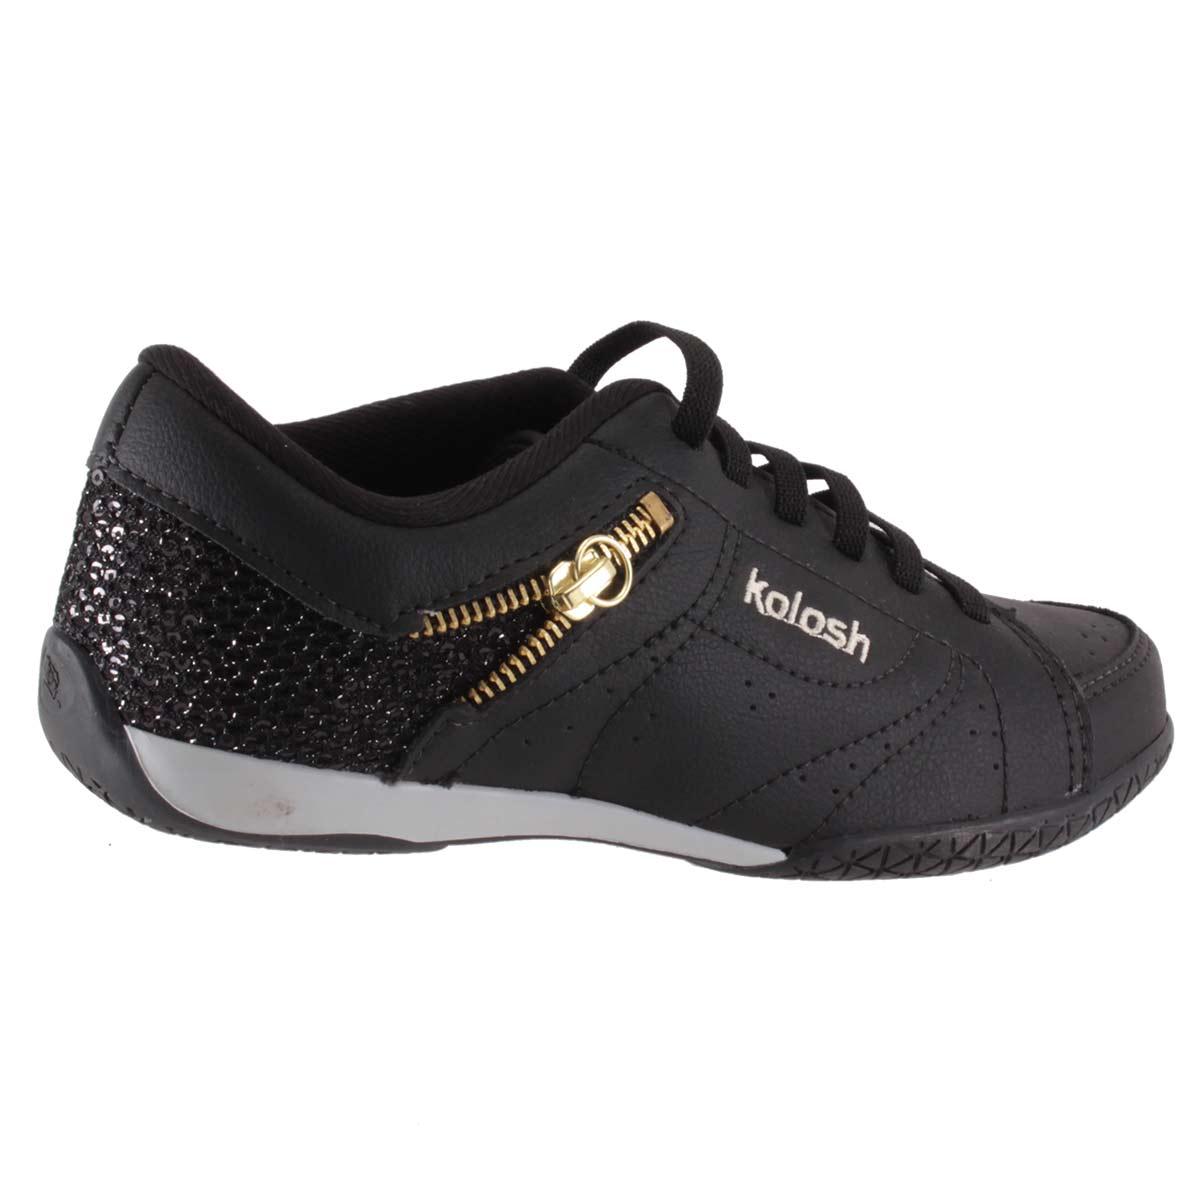 Sapatênis Kolosh Tênis Feminino Casual Ziper Elástico C0563  - Ian Calçados